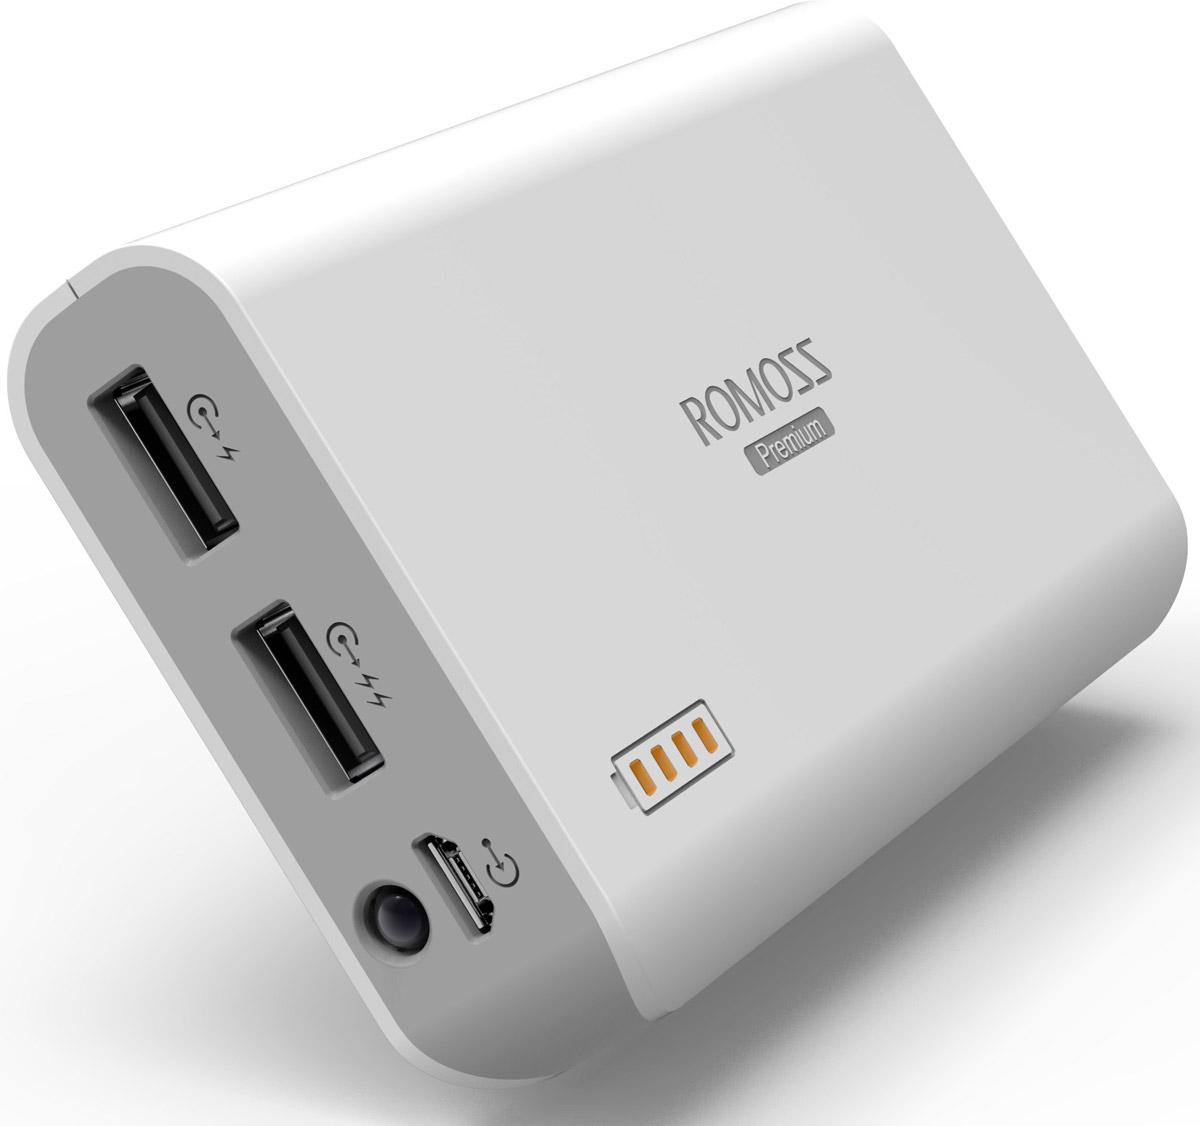 Romoss Sailing 3, White внешний аккумулятор00000008789Внешний аккумулятор Romoss Sailing 3 отличается большой емкостью и быстрым временем зарядки. Эта батарея станет незаменимым помощником в случае, когда нет розетки под рукой. Наличие двух USB выходов позволит заряжать два цифровых устройства одновременно.Данная модель содержит в себе авторизованные компанией Samsung аккумуляторные ячейки высокой емкости. Зарядка начинается сразу же после подключения устройства к аккумулятору, и может продолжаться даже если сам аккумулятор поставить на зарядку.Ударопрочный корпус, сделанный из ABS-пластикаСветодиодный фонарик